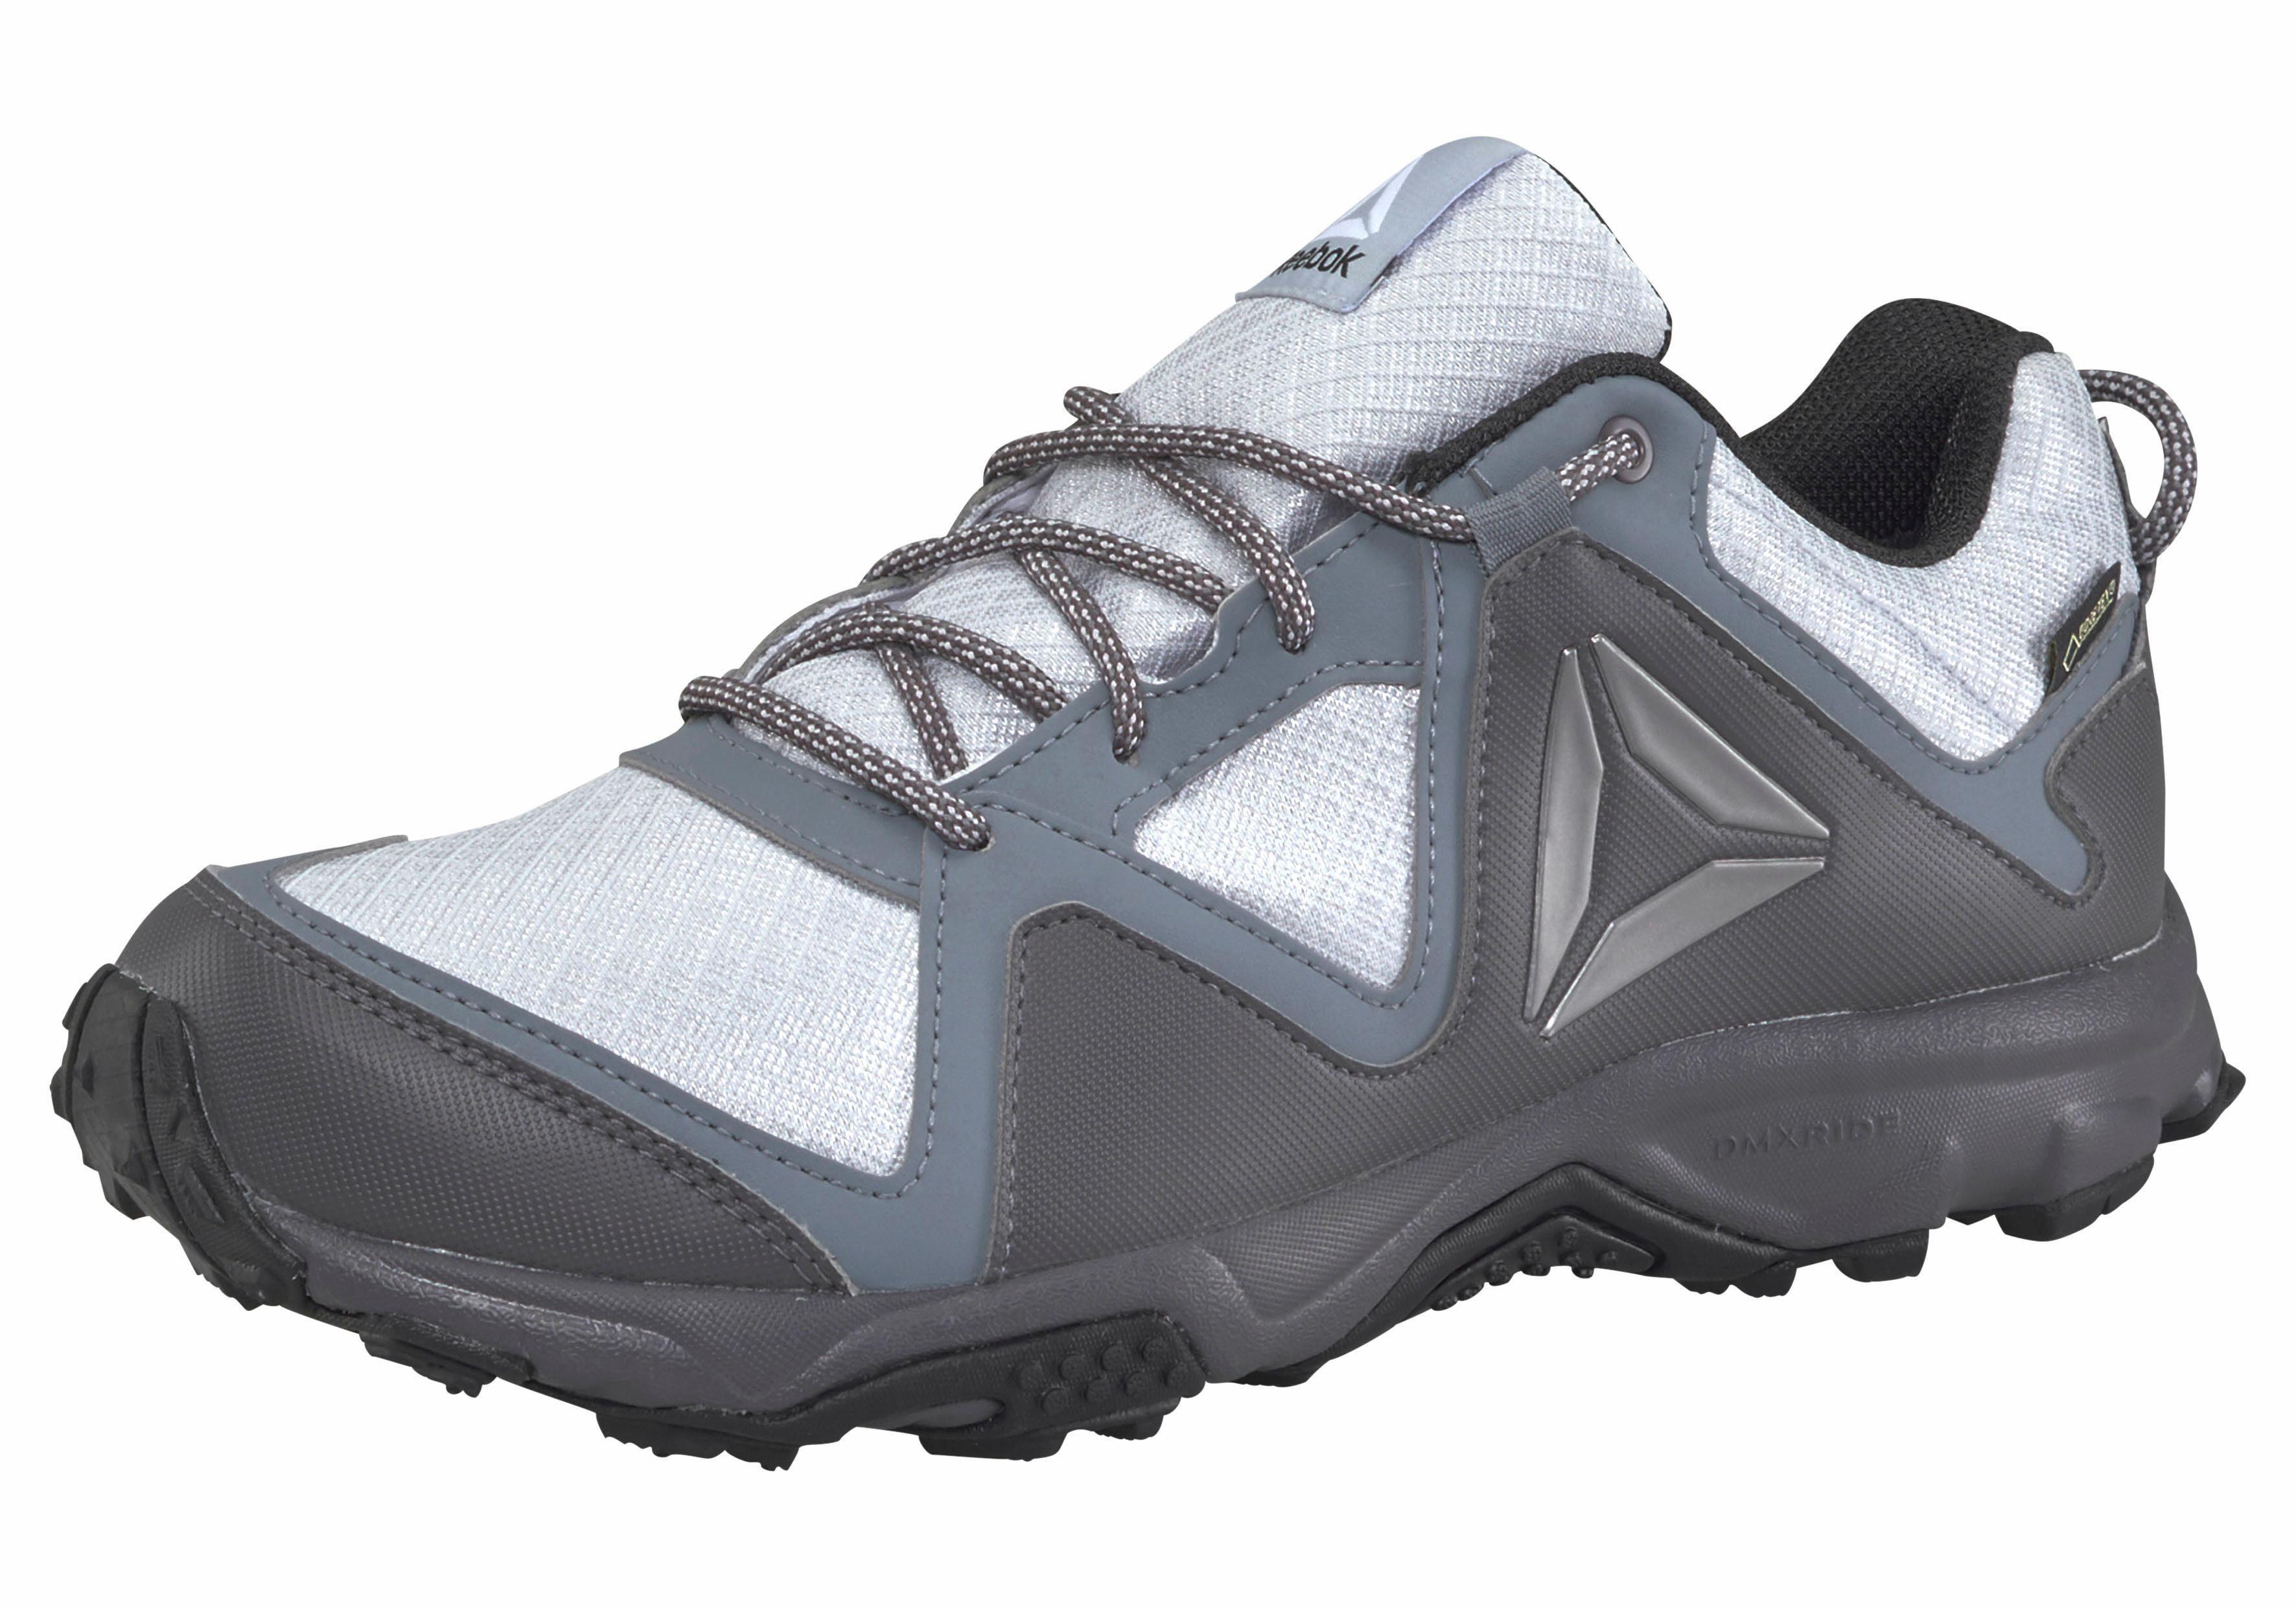 REEBOK Walkingschuh 'Franconia Ridge 3.0 Gore-Tex' dunkelgrau / schwarz XtvFtL